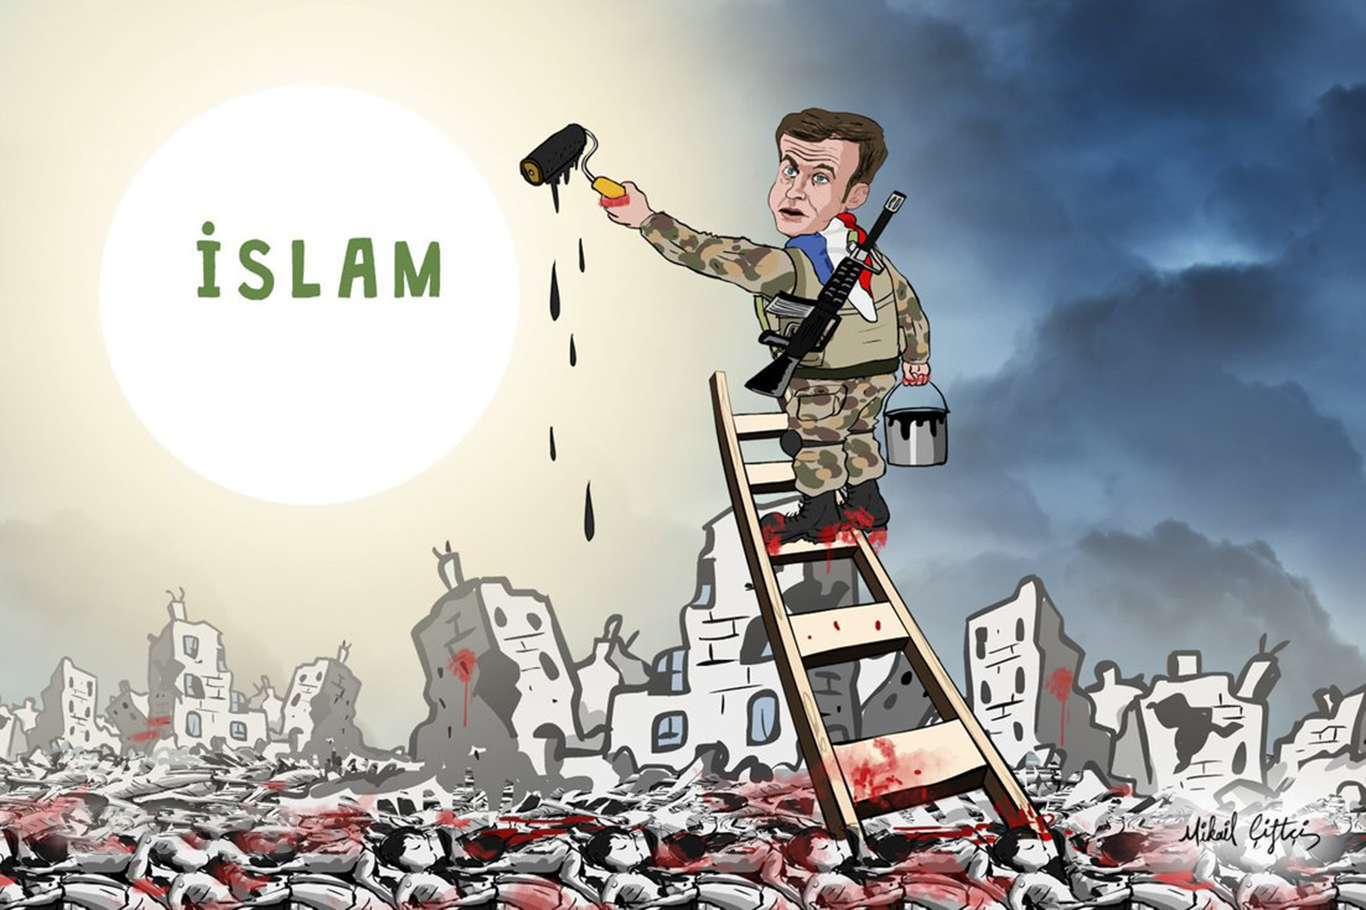 İslam düşmanı Macron'a tepkiler devam ediyor